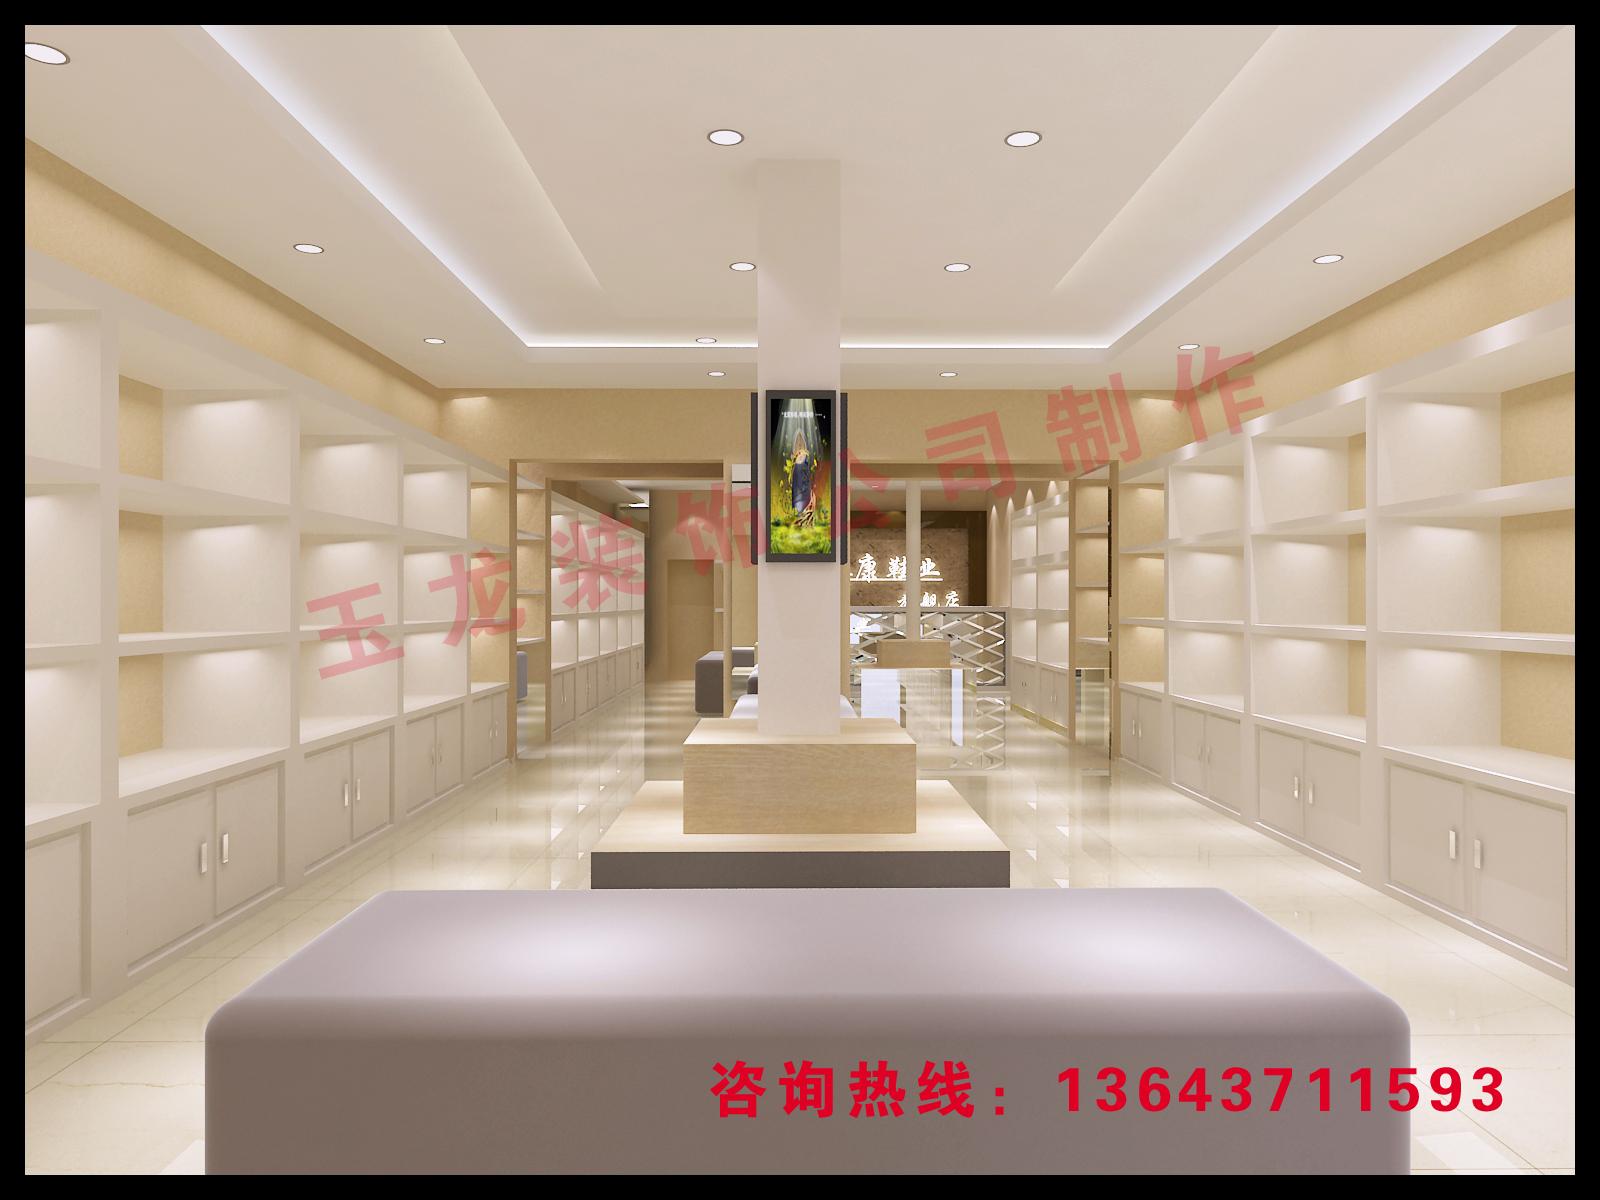 郑州鞋店装修时尚鞋店装修效果图鞋店装修图片